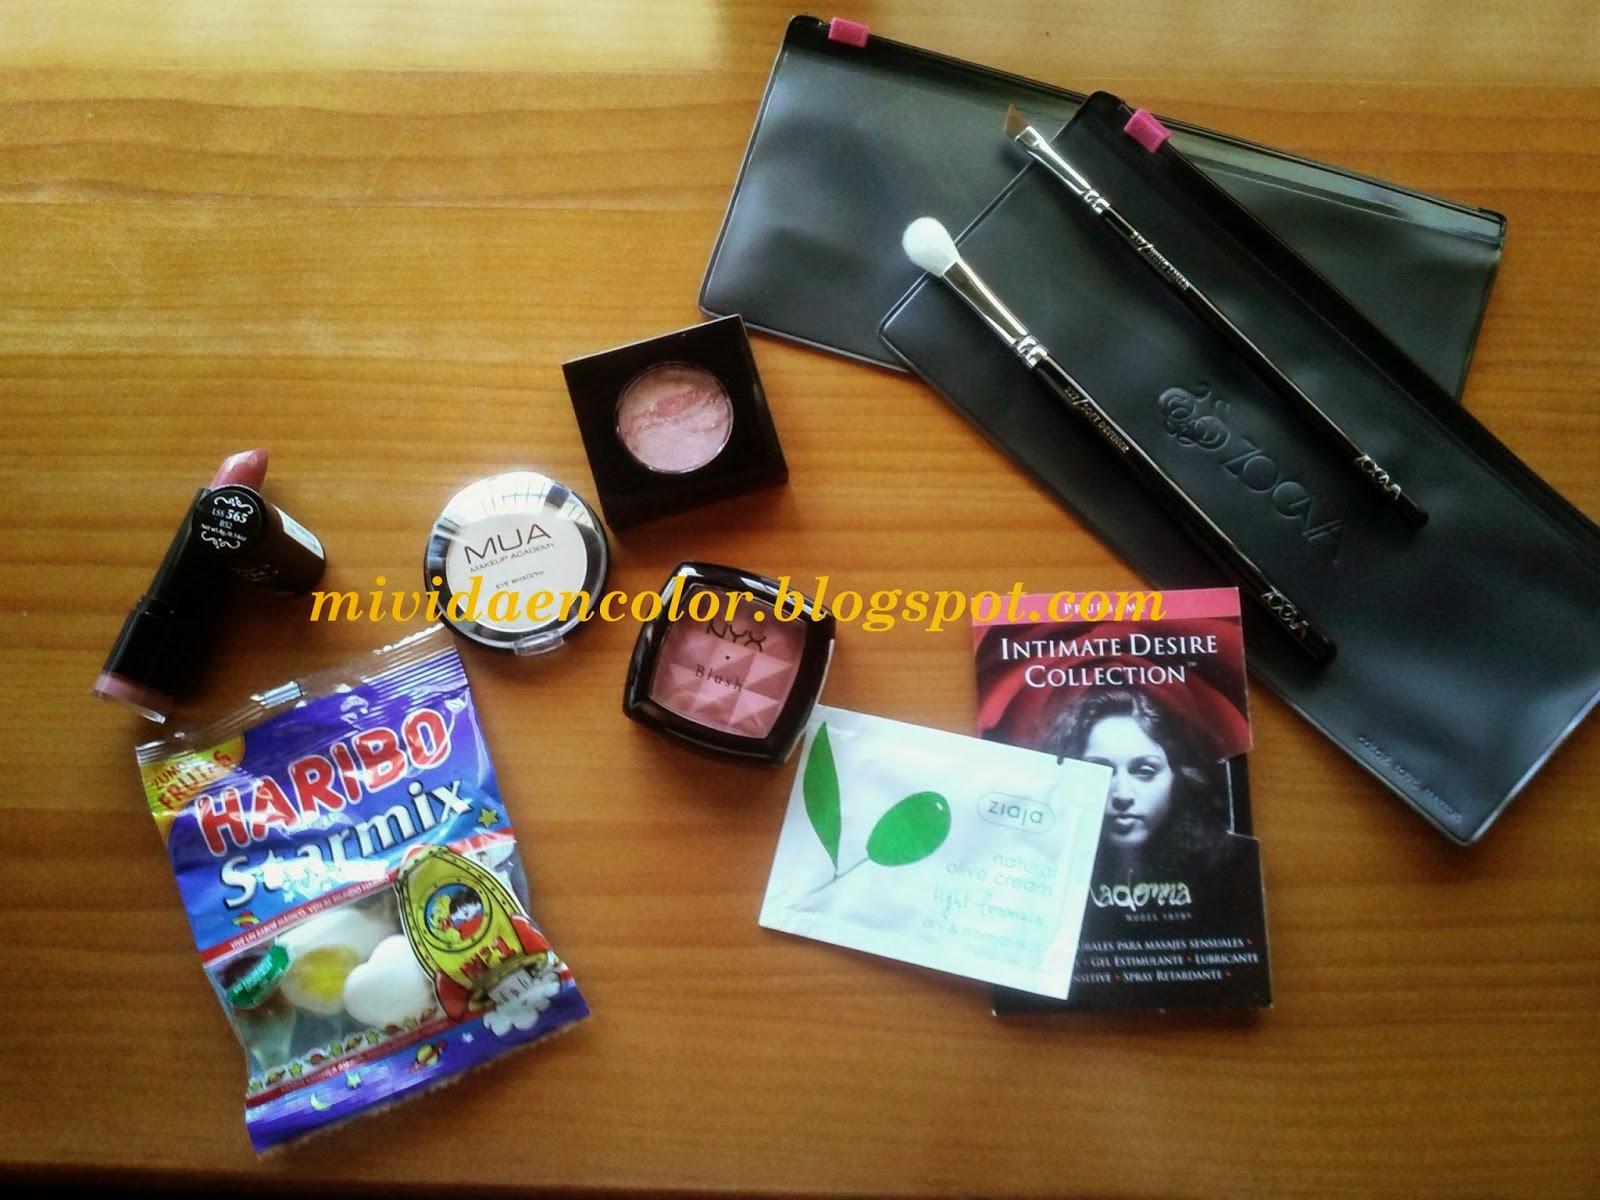 Haul-review-swatch-reseña-opinion-productos-nyz-labiales-pintalabios-B52-colorte-amber-nyx-sombra-ojos-mate-vainilla-17-MUA-colorte-fashionista-color-newyork-pincel-delinear-pincel-difuminar-ZOEVA